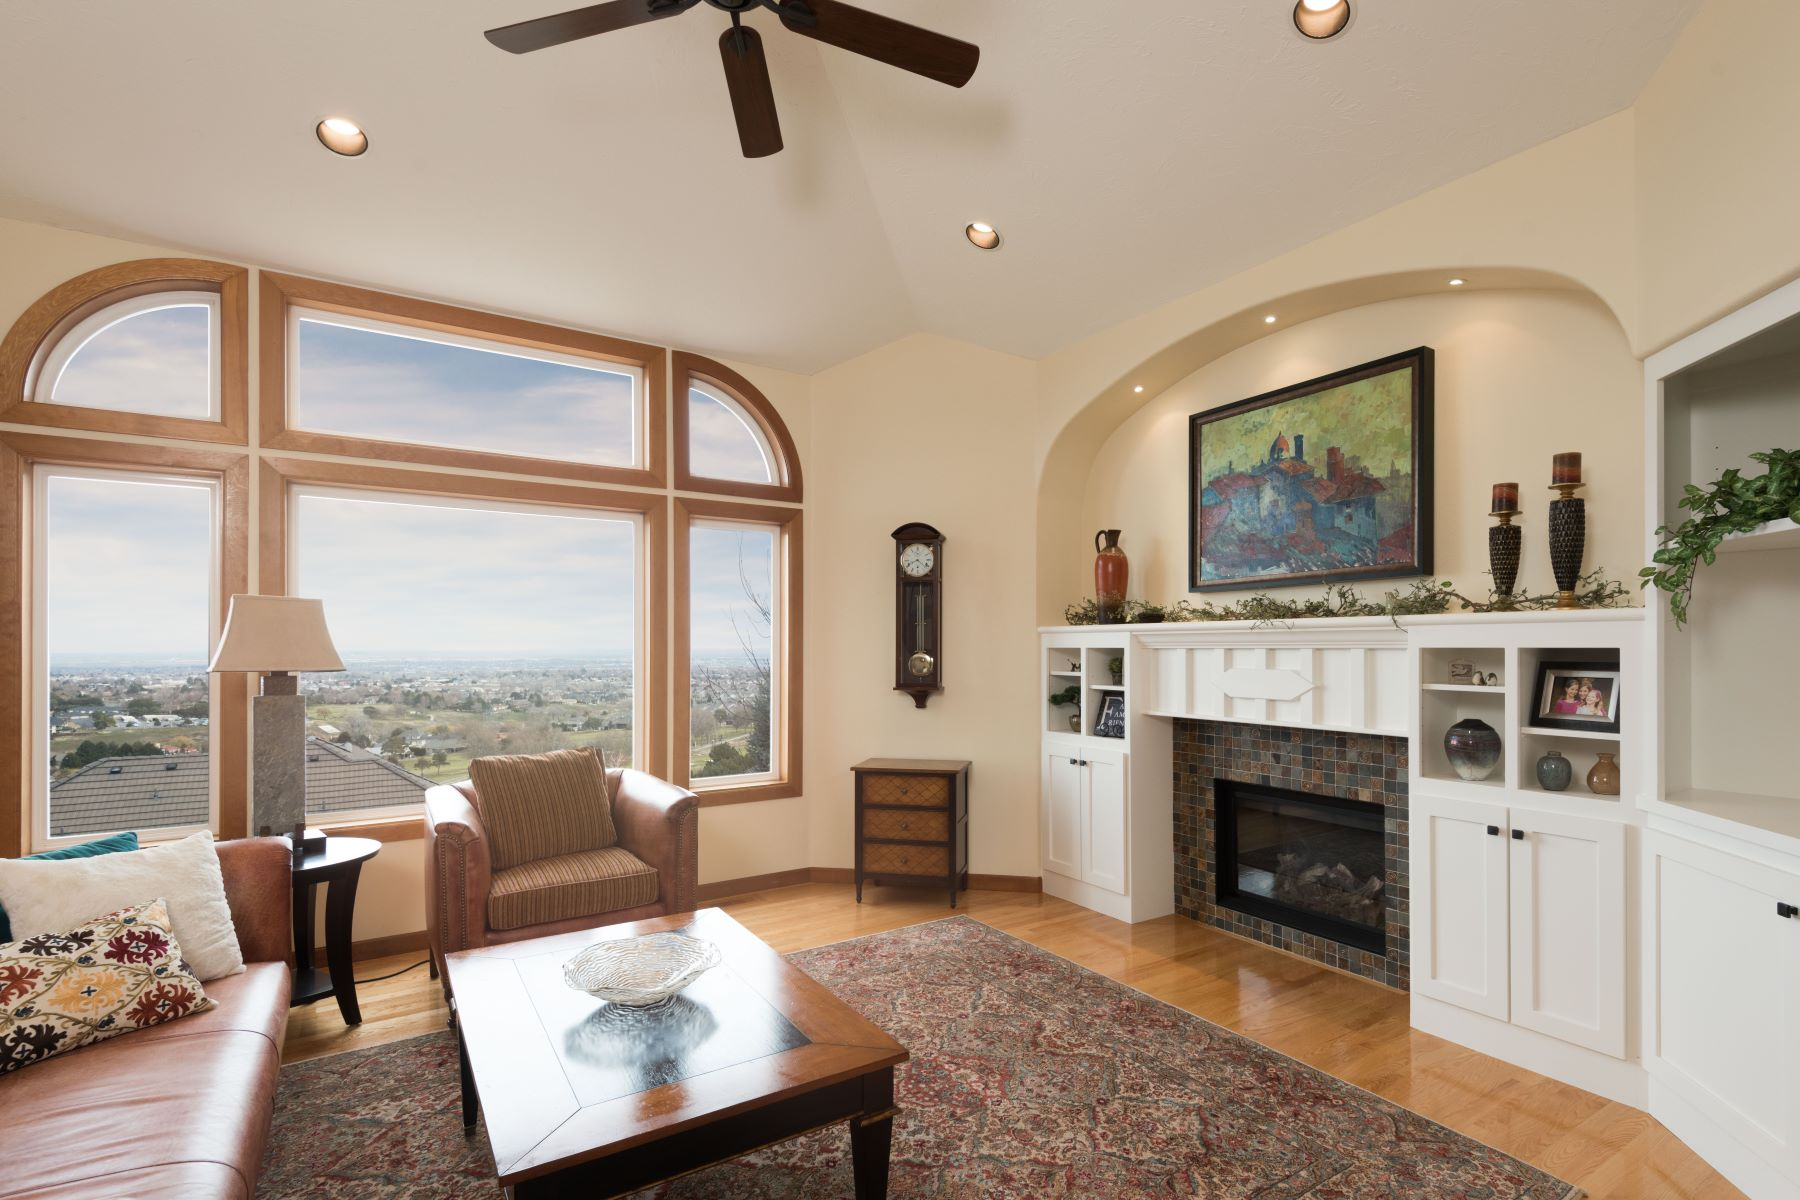 Частный односемейный дом для того Продажа на Best view in town! 3900 W. 43rd Ave Kennewick, Вашингтон 99337 Соединенные Штаты